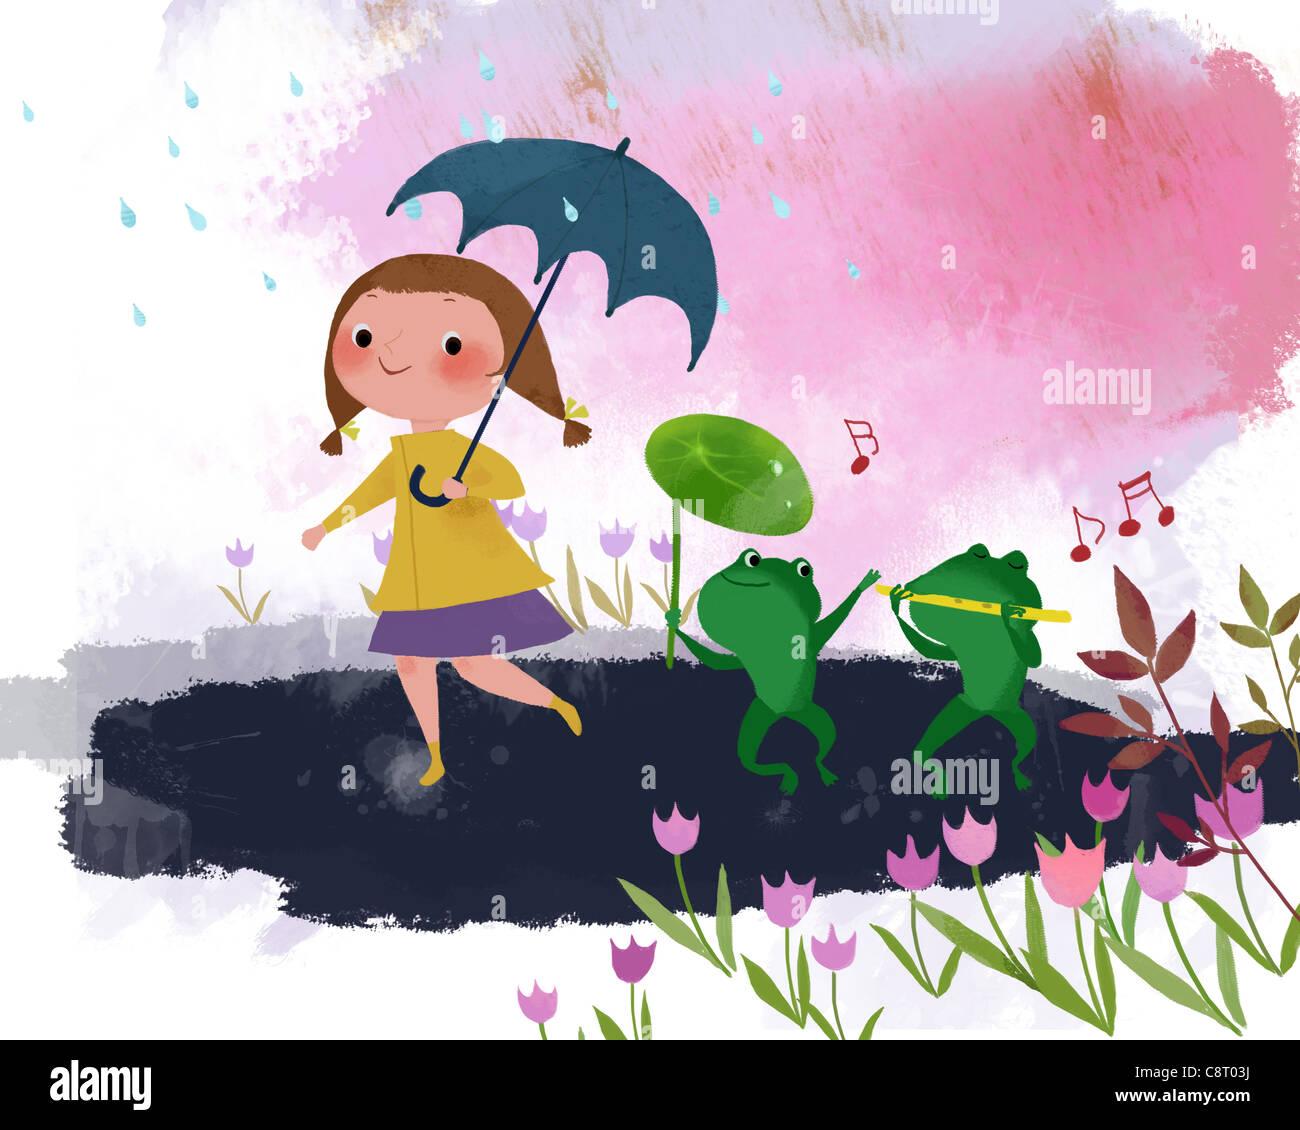 Ragazza con ombrello a piedi con il Froggies sul giorno di pioggia Immagini Stock